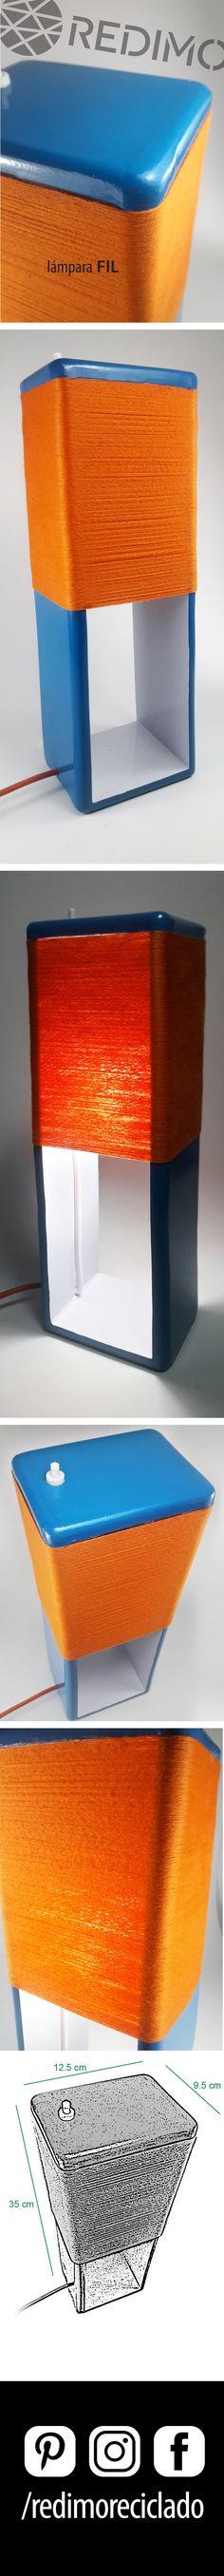 Lampara FIL Realizada con maderas y hilo reciclado. Ideal como velador o luz de recepción.